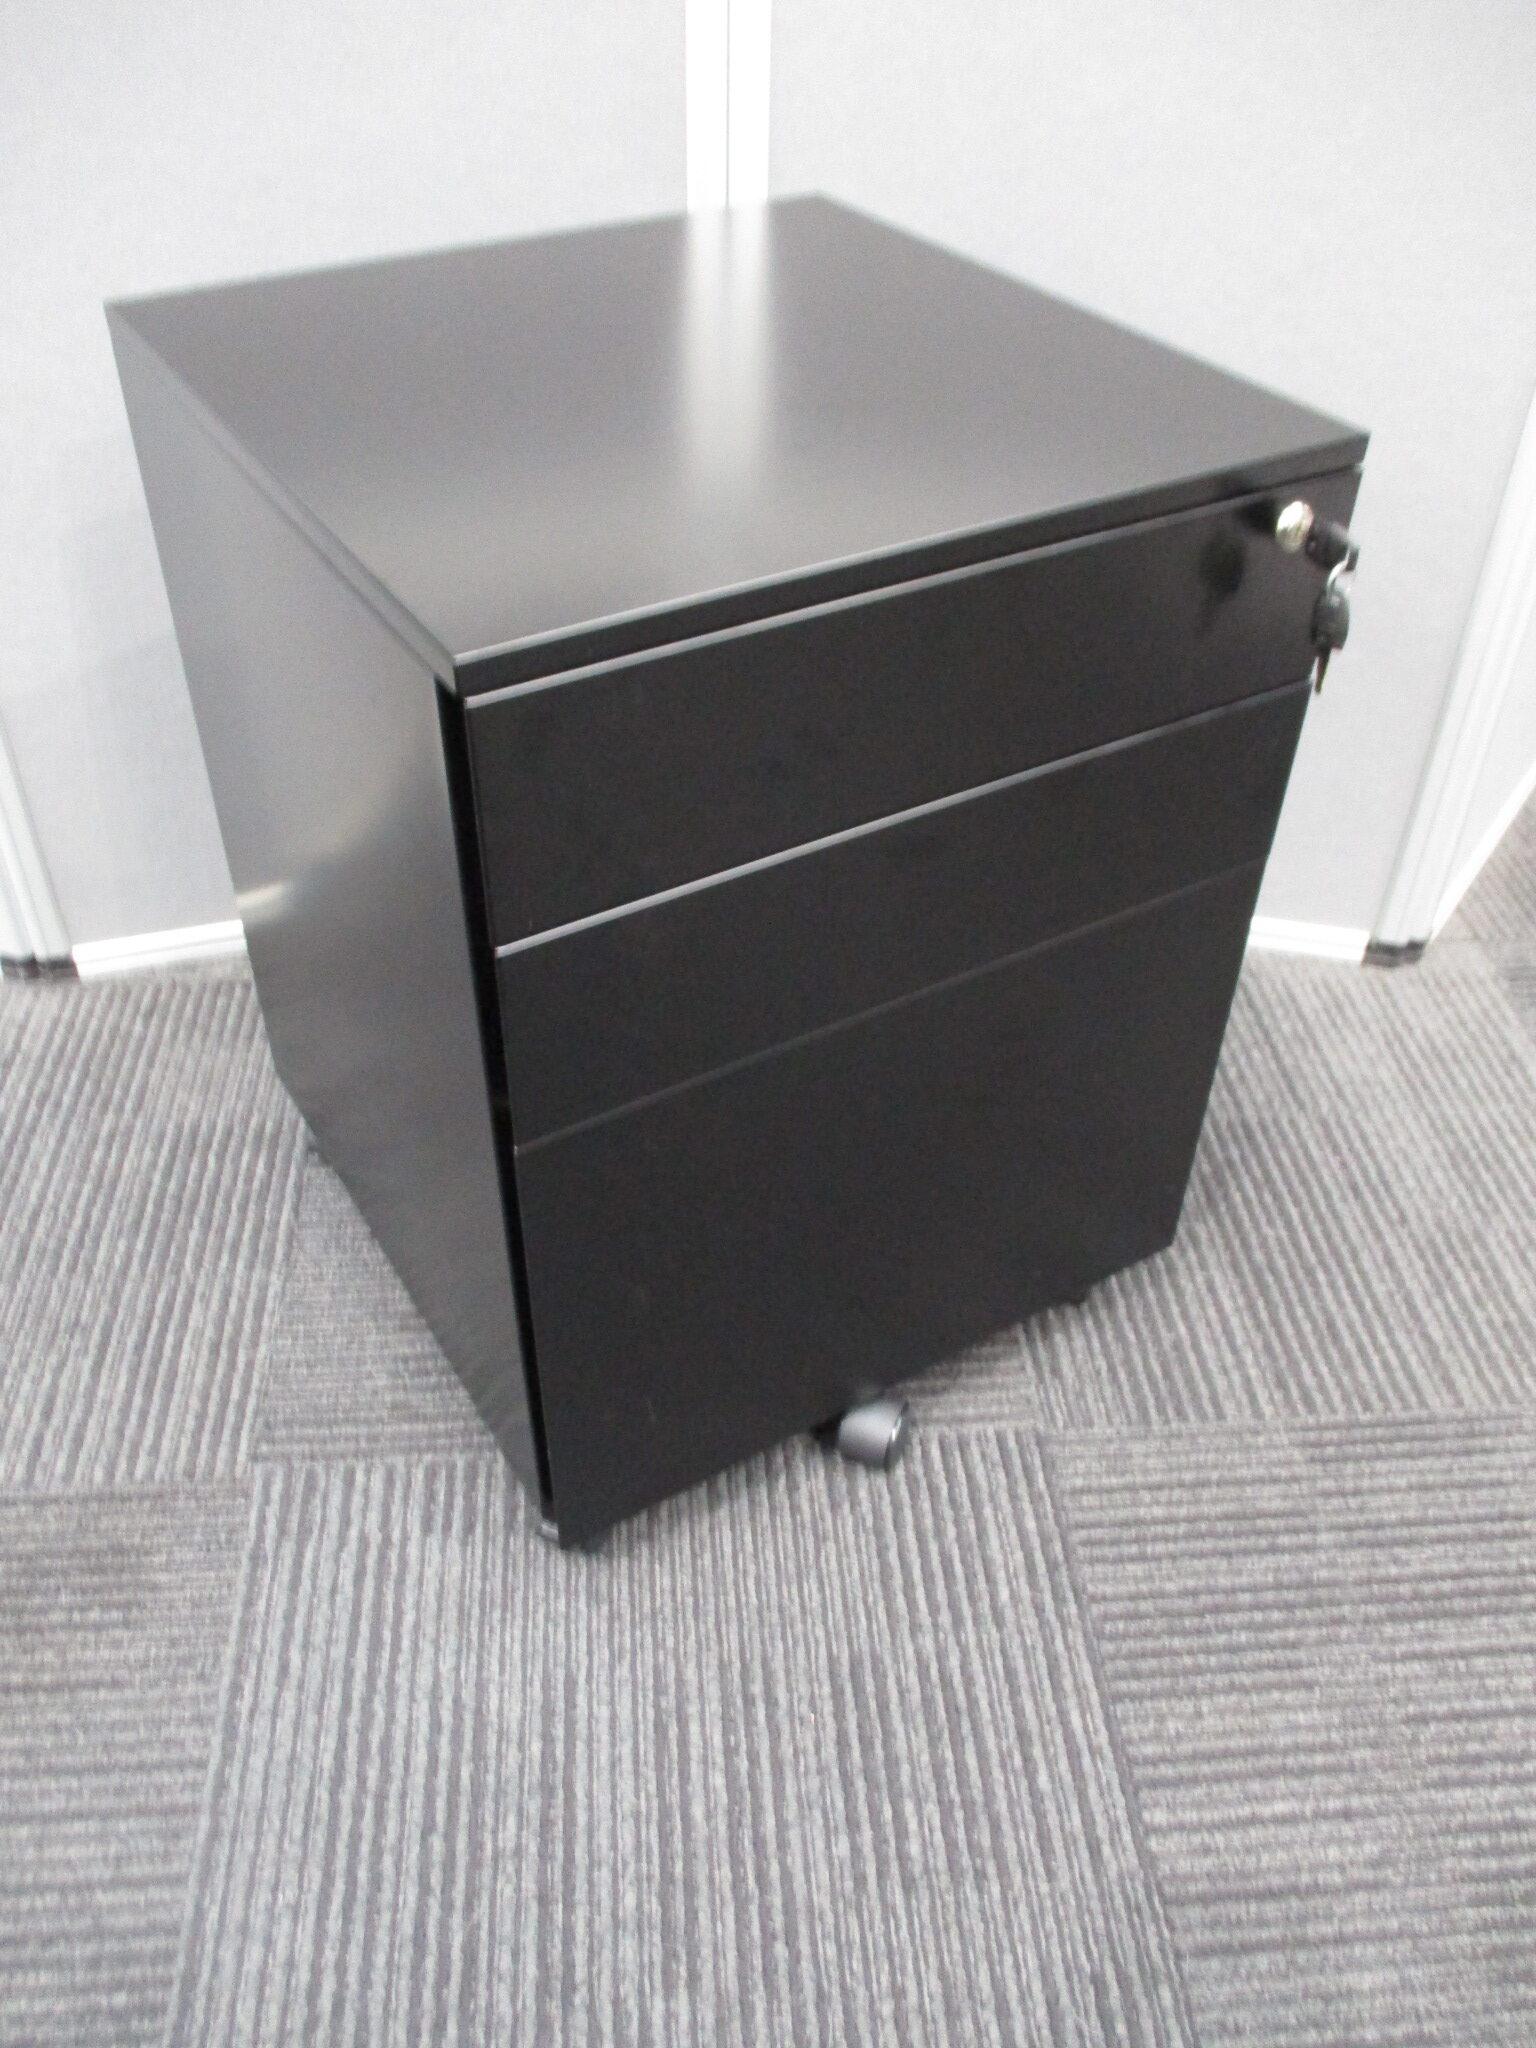 New GO Black Steel 3 Drawer Mobile Pedestals $235